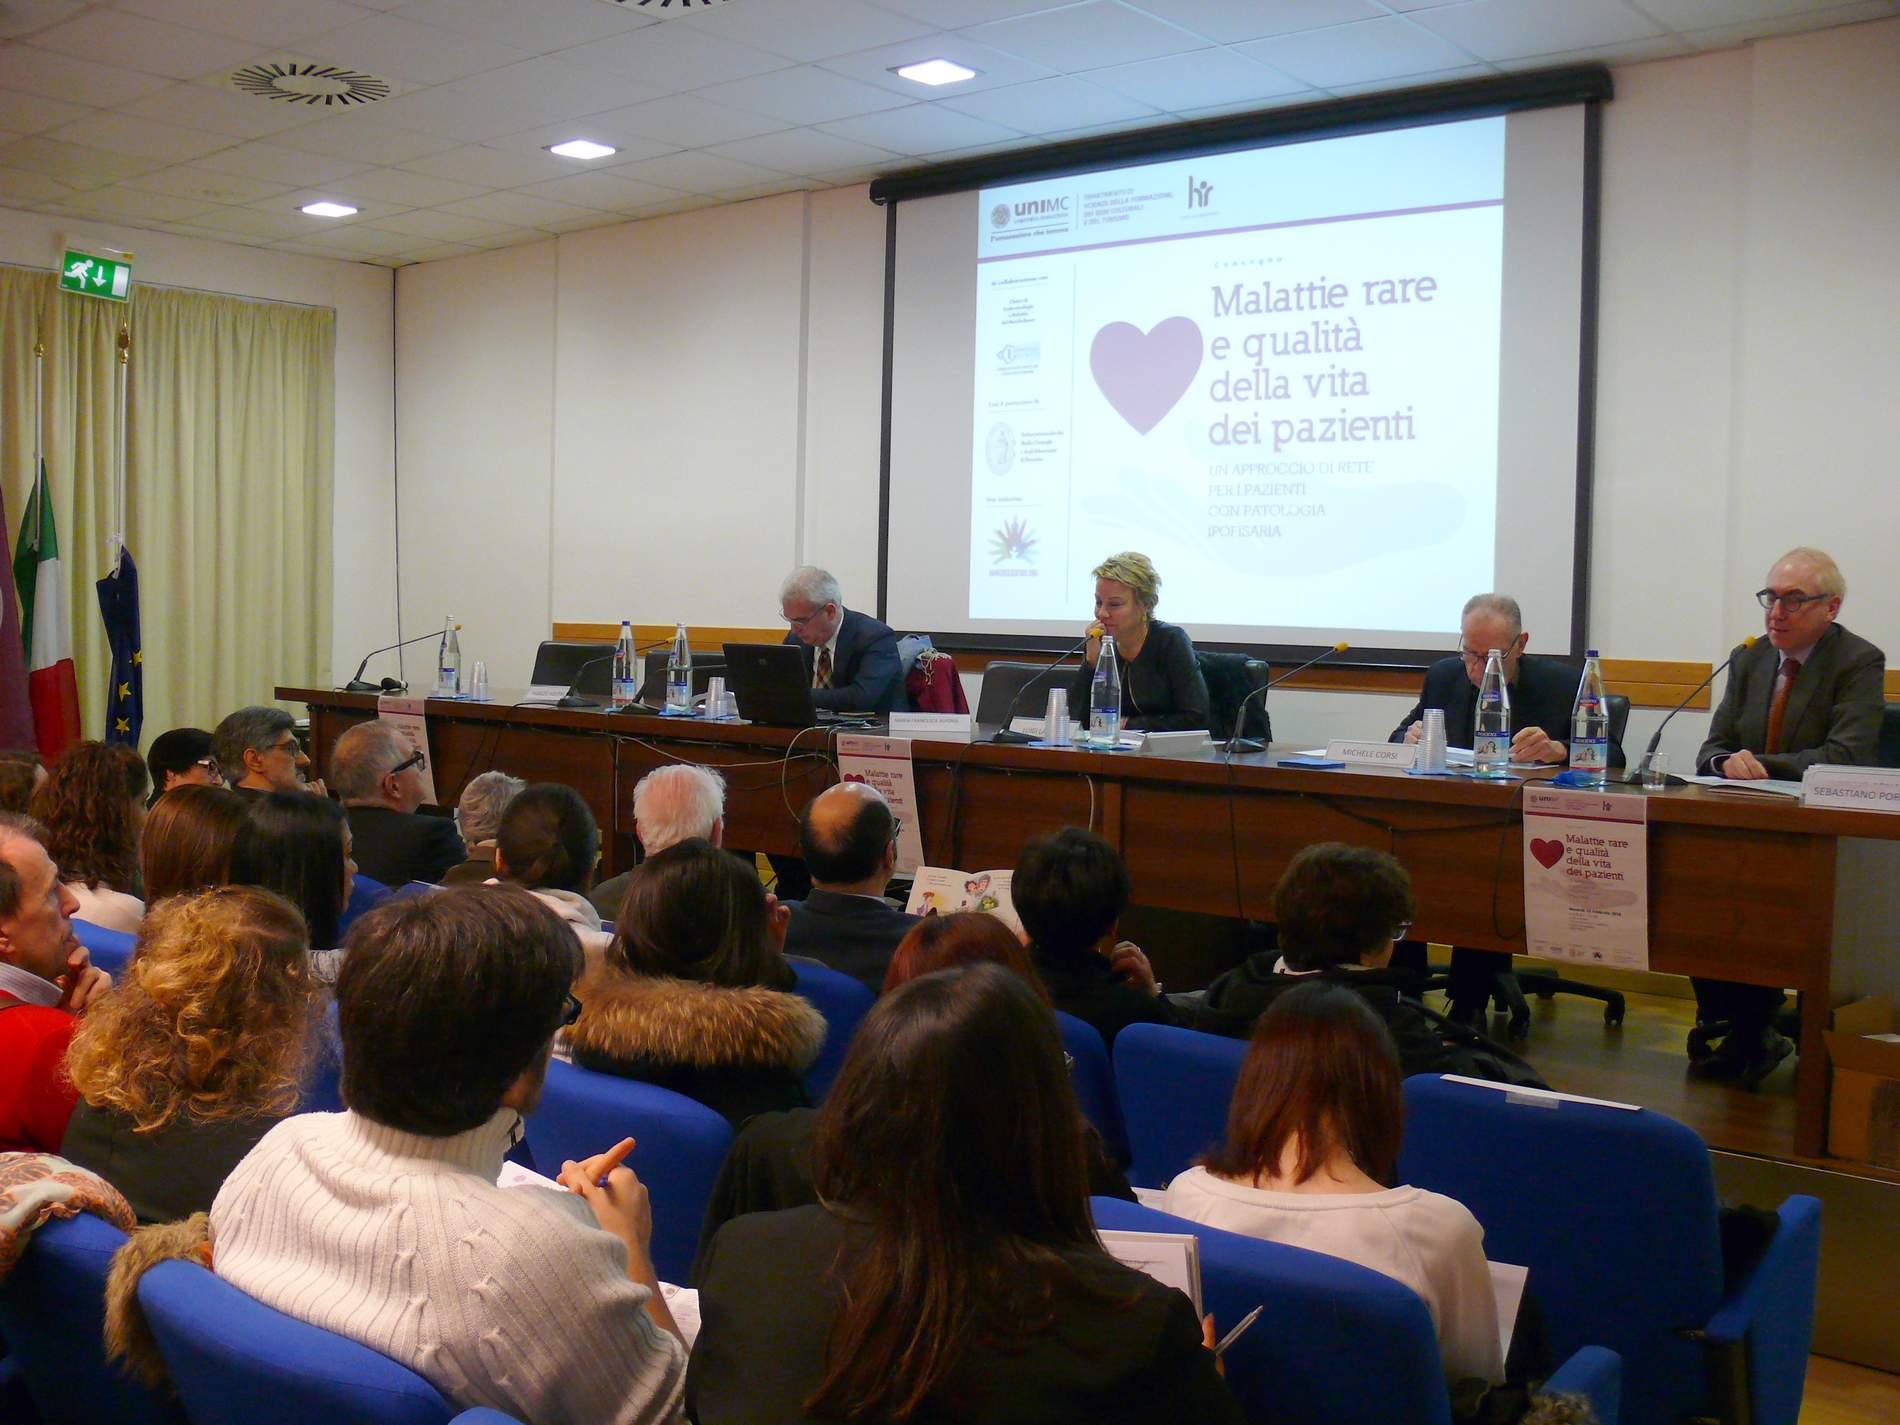 Convegno UNIMC sulle malattie rare. Il 29 giornata internazionale